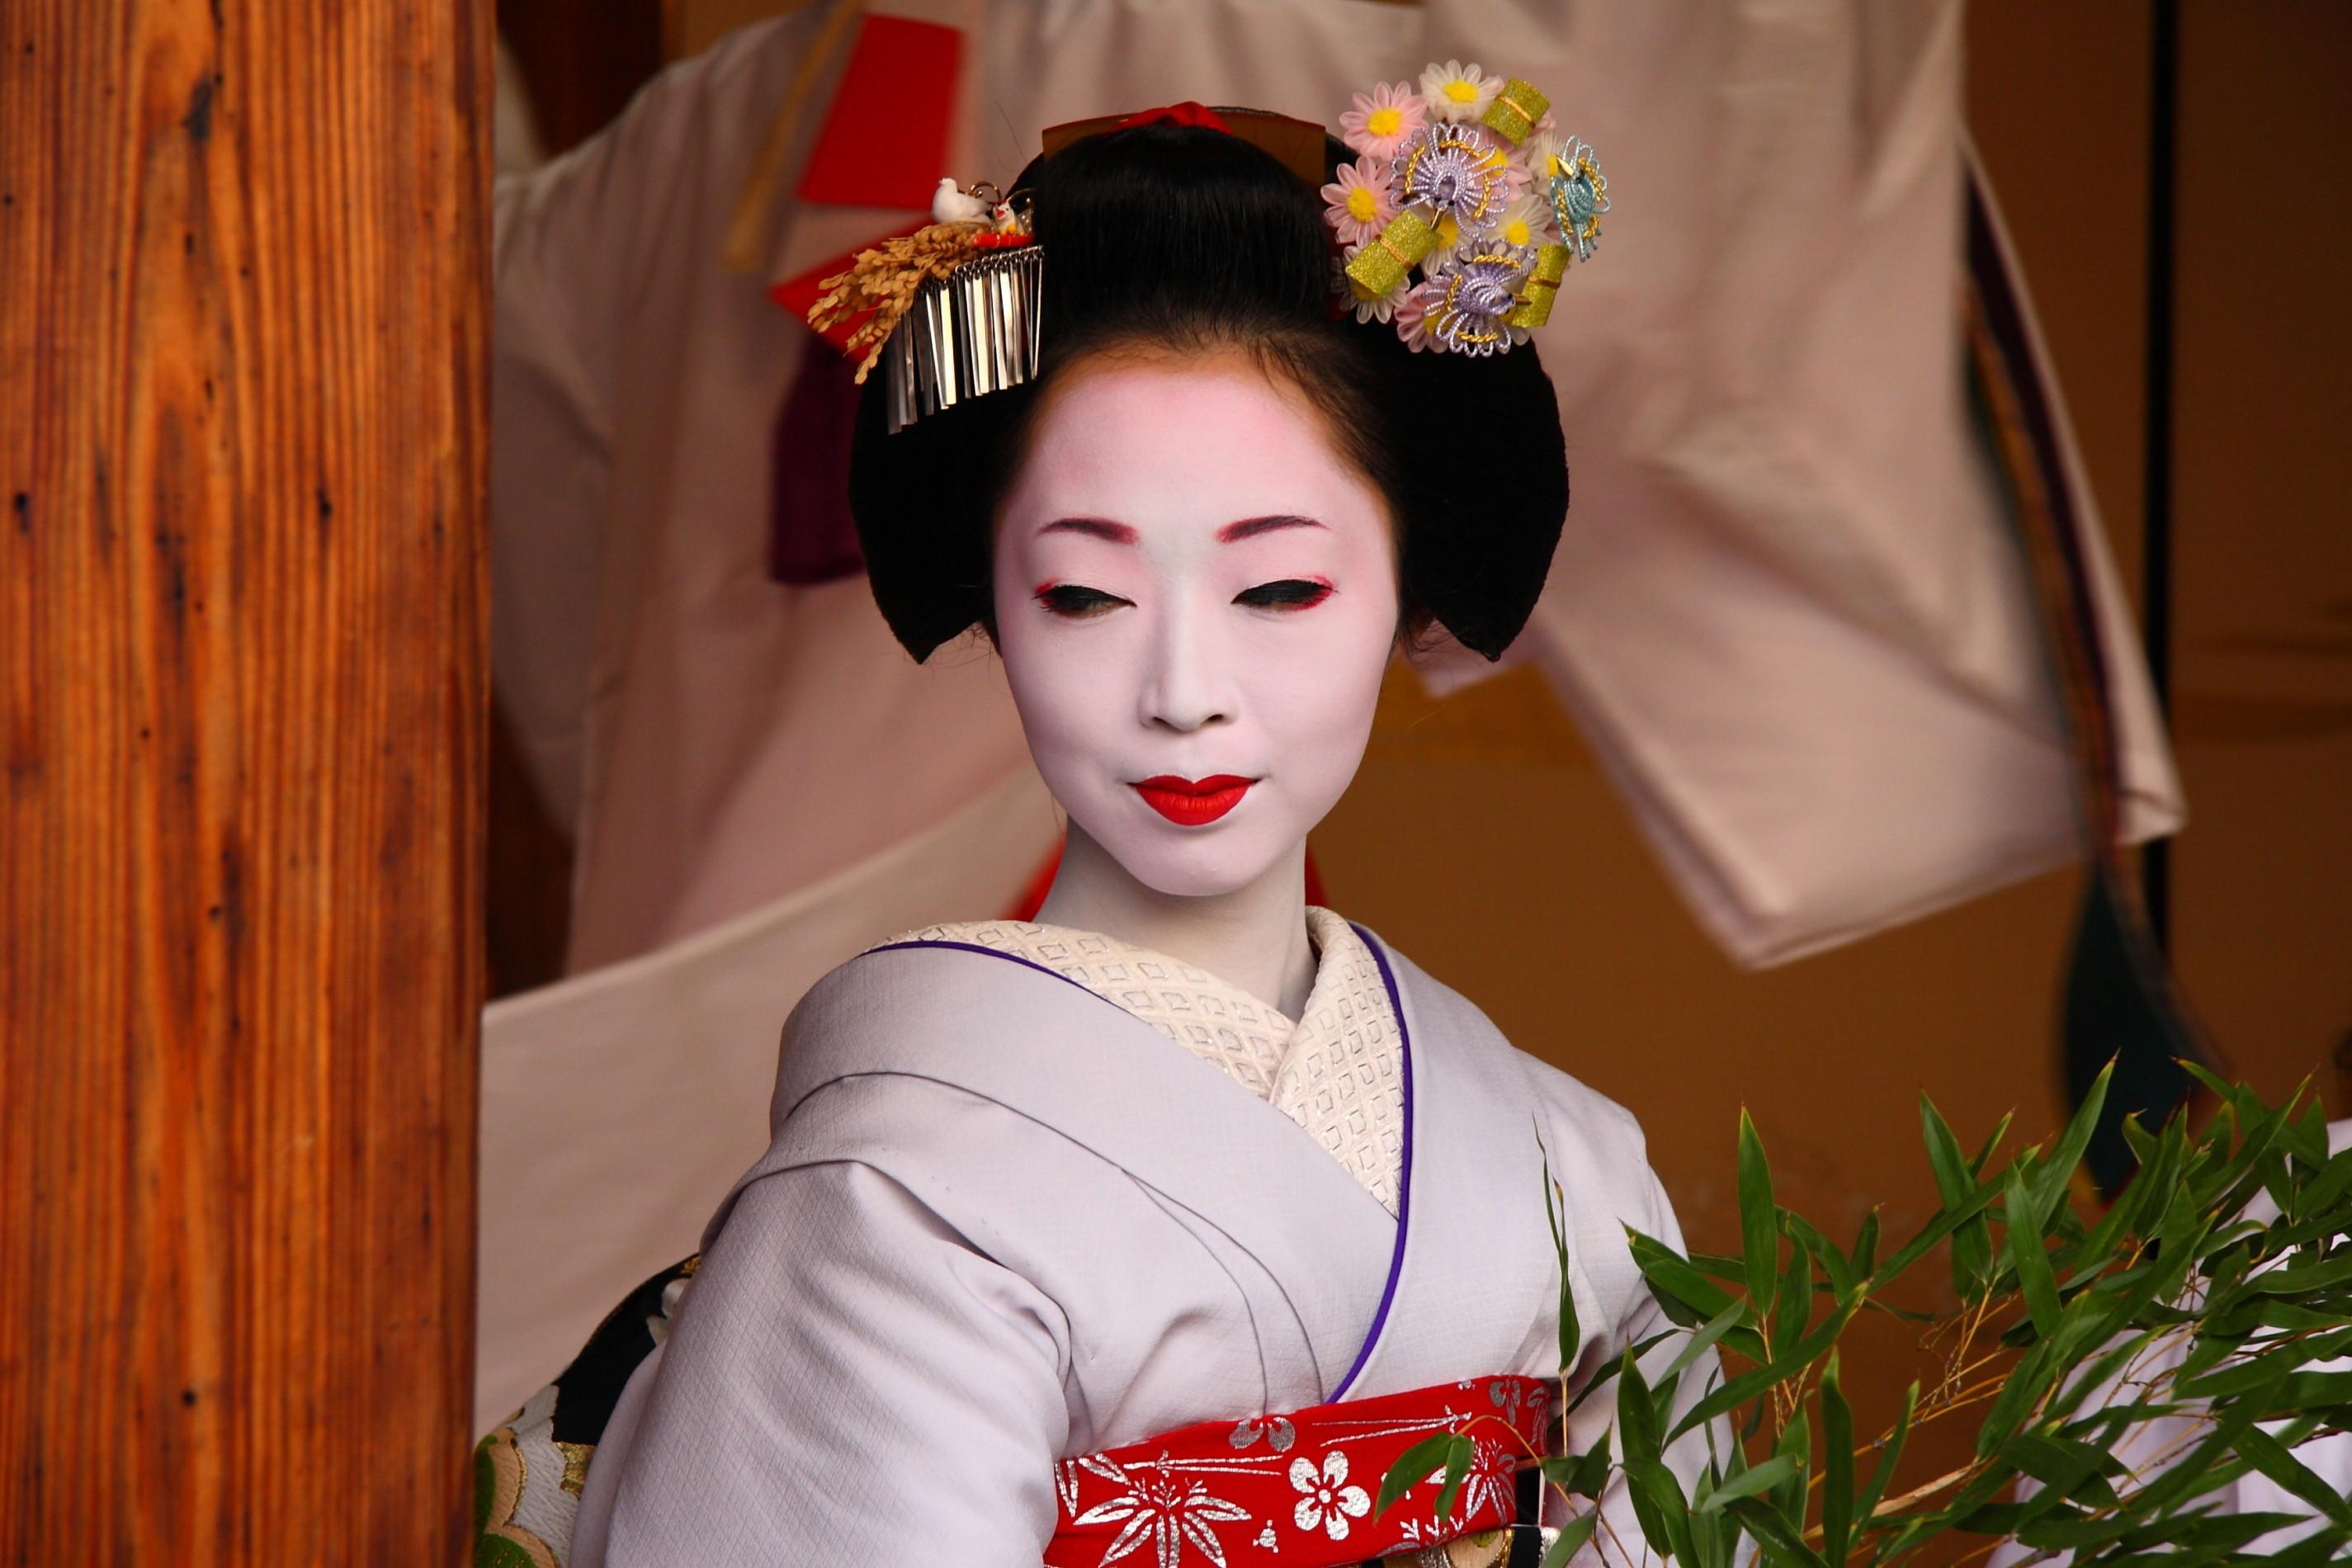 сложно ли подцепить японскую девушку новой жертвой